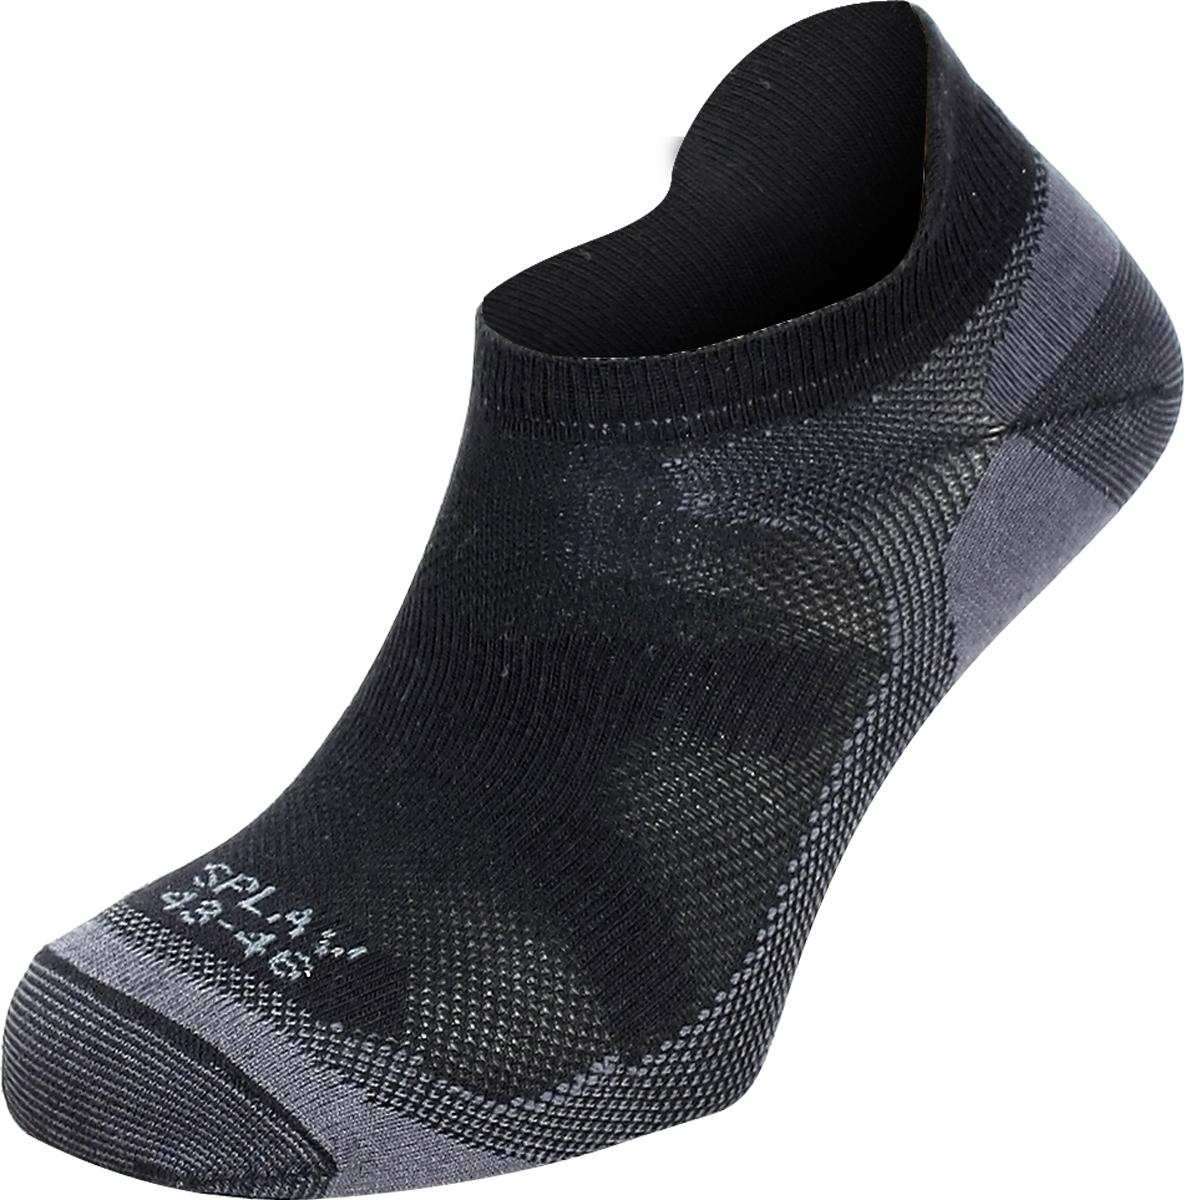 Термоноски мужские Сплав Trace, цвет: черный. 1585700. Размер 43/461585700Укороченные бесшовные носки для прогулок и занятий спортом в жаркую погоду. Подойдут для использования с кроссовой обувью.Содержание волокон COOLMAX способствует ускоренному испарению избыточной влаги.Анатомическая форма, индивидуальная для левой и правой стоп, обеспечивает максимальный комфорт.Бесшовная технология создает повышенный комфорт предотвращает натирание пальцев ног.Благодаря специальной вязке обладают дышащим эффектом и исключительной эластичностью.Наличие усиленных зон обеспечивает повышенную износостойкость.свойства Coolmax:Coolmax — полиэстеровое волокно фирмы DuPont, с четырехжильной нитьюЭффективно отводит влагу с поверхности тела.Cохраняет тело сухим даже во время больших физических нагрузок.